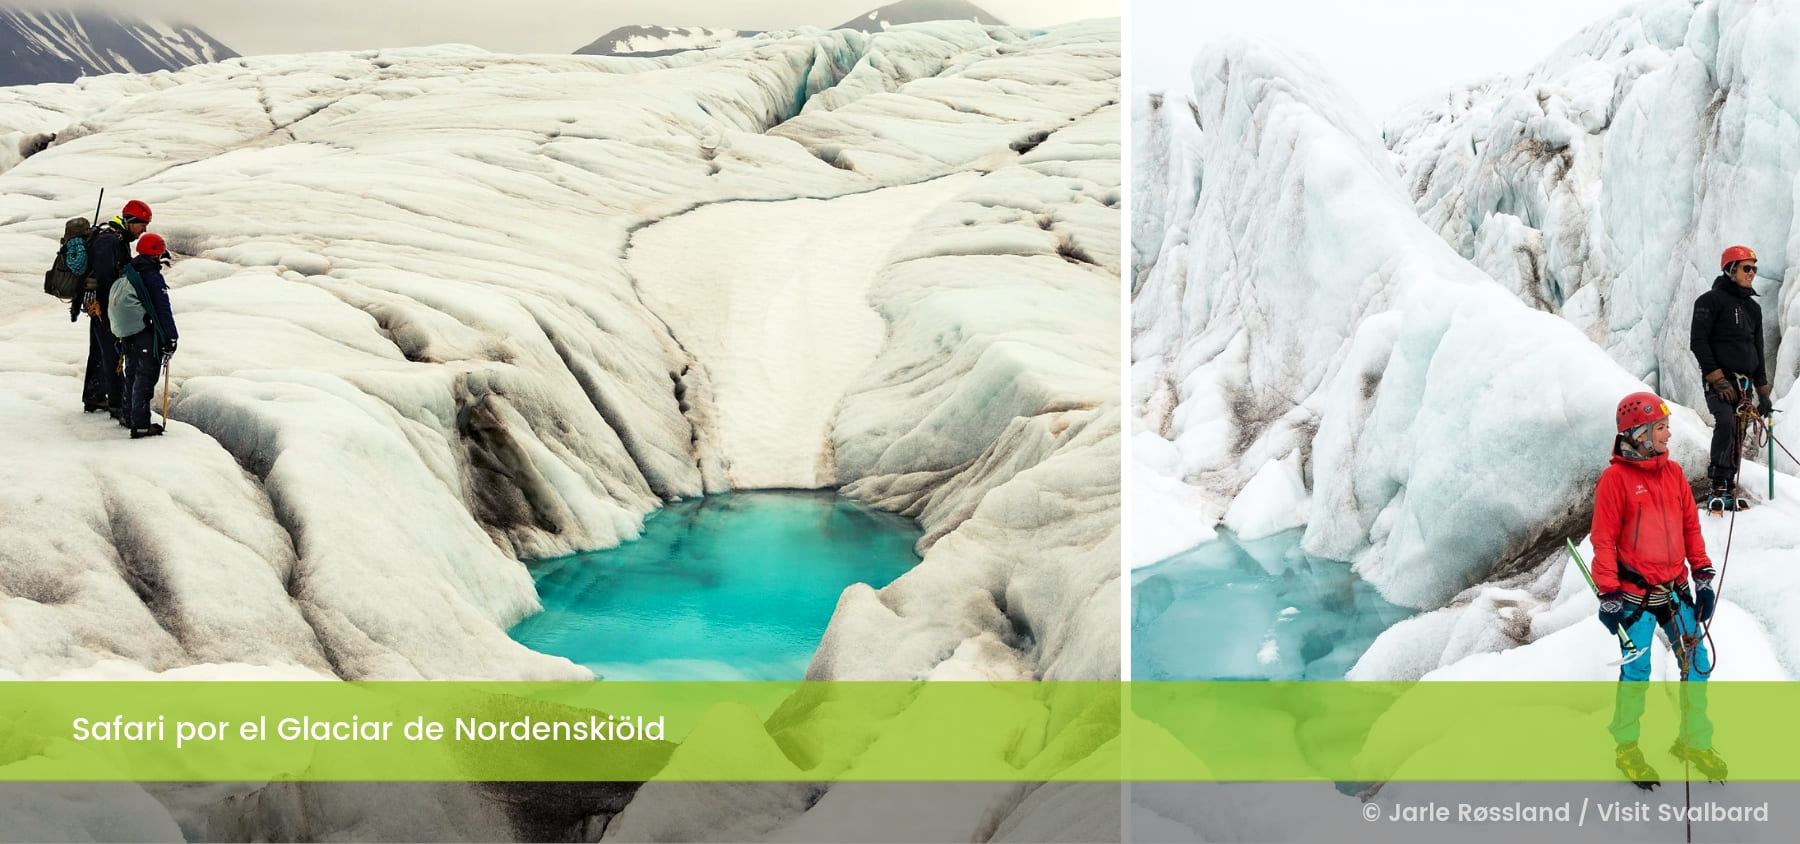 Safari Glaciar de Nordenskiöld Islas Svalbard Noruega